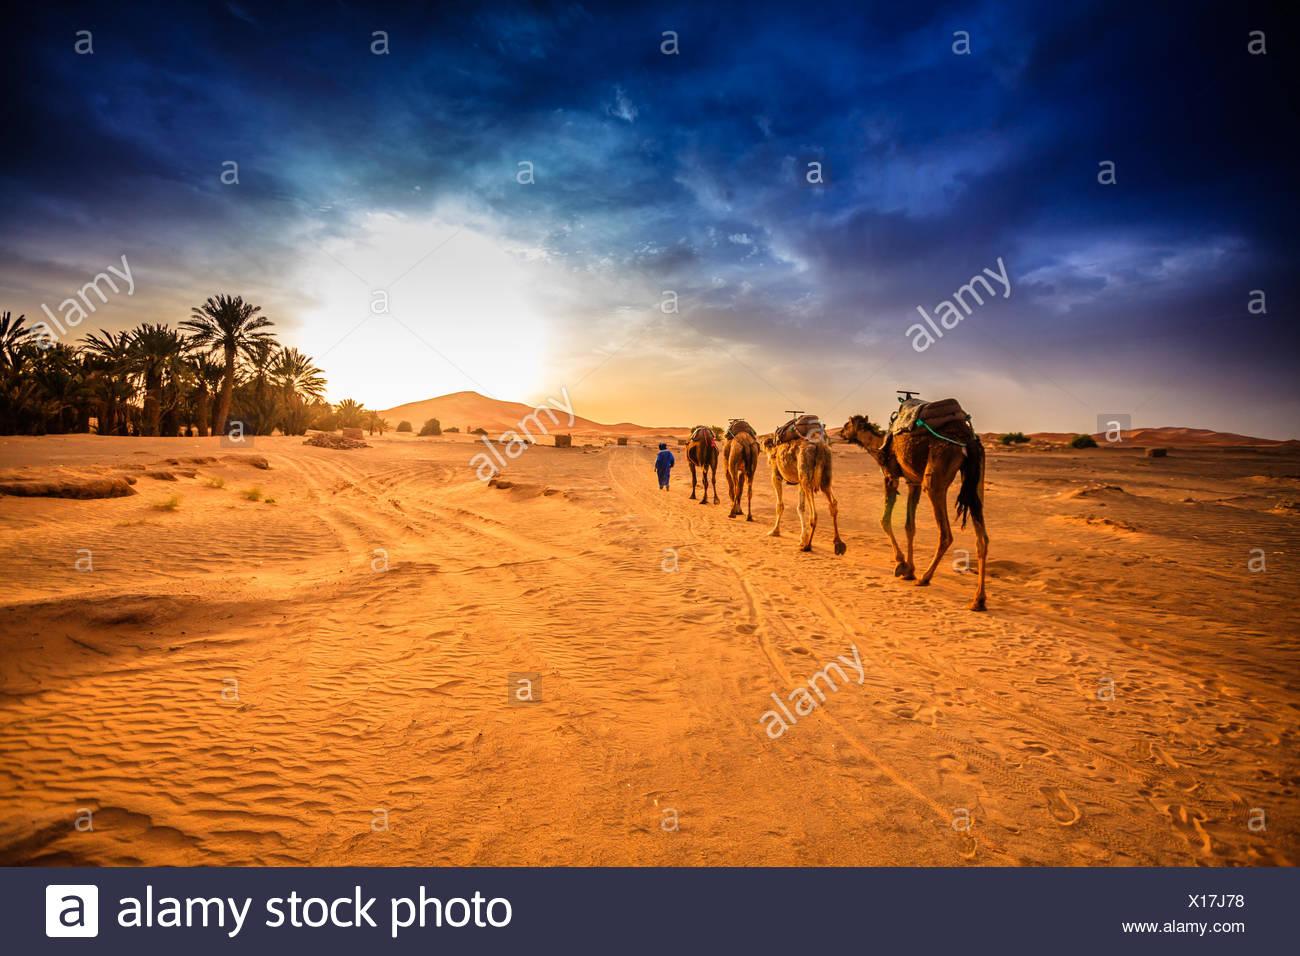 Caravane de chameaux dans le désert du Sahara, Maroc Photo Stock